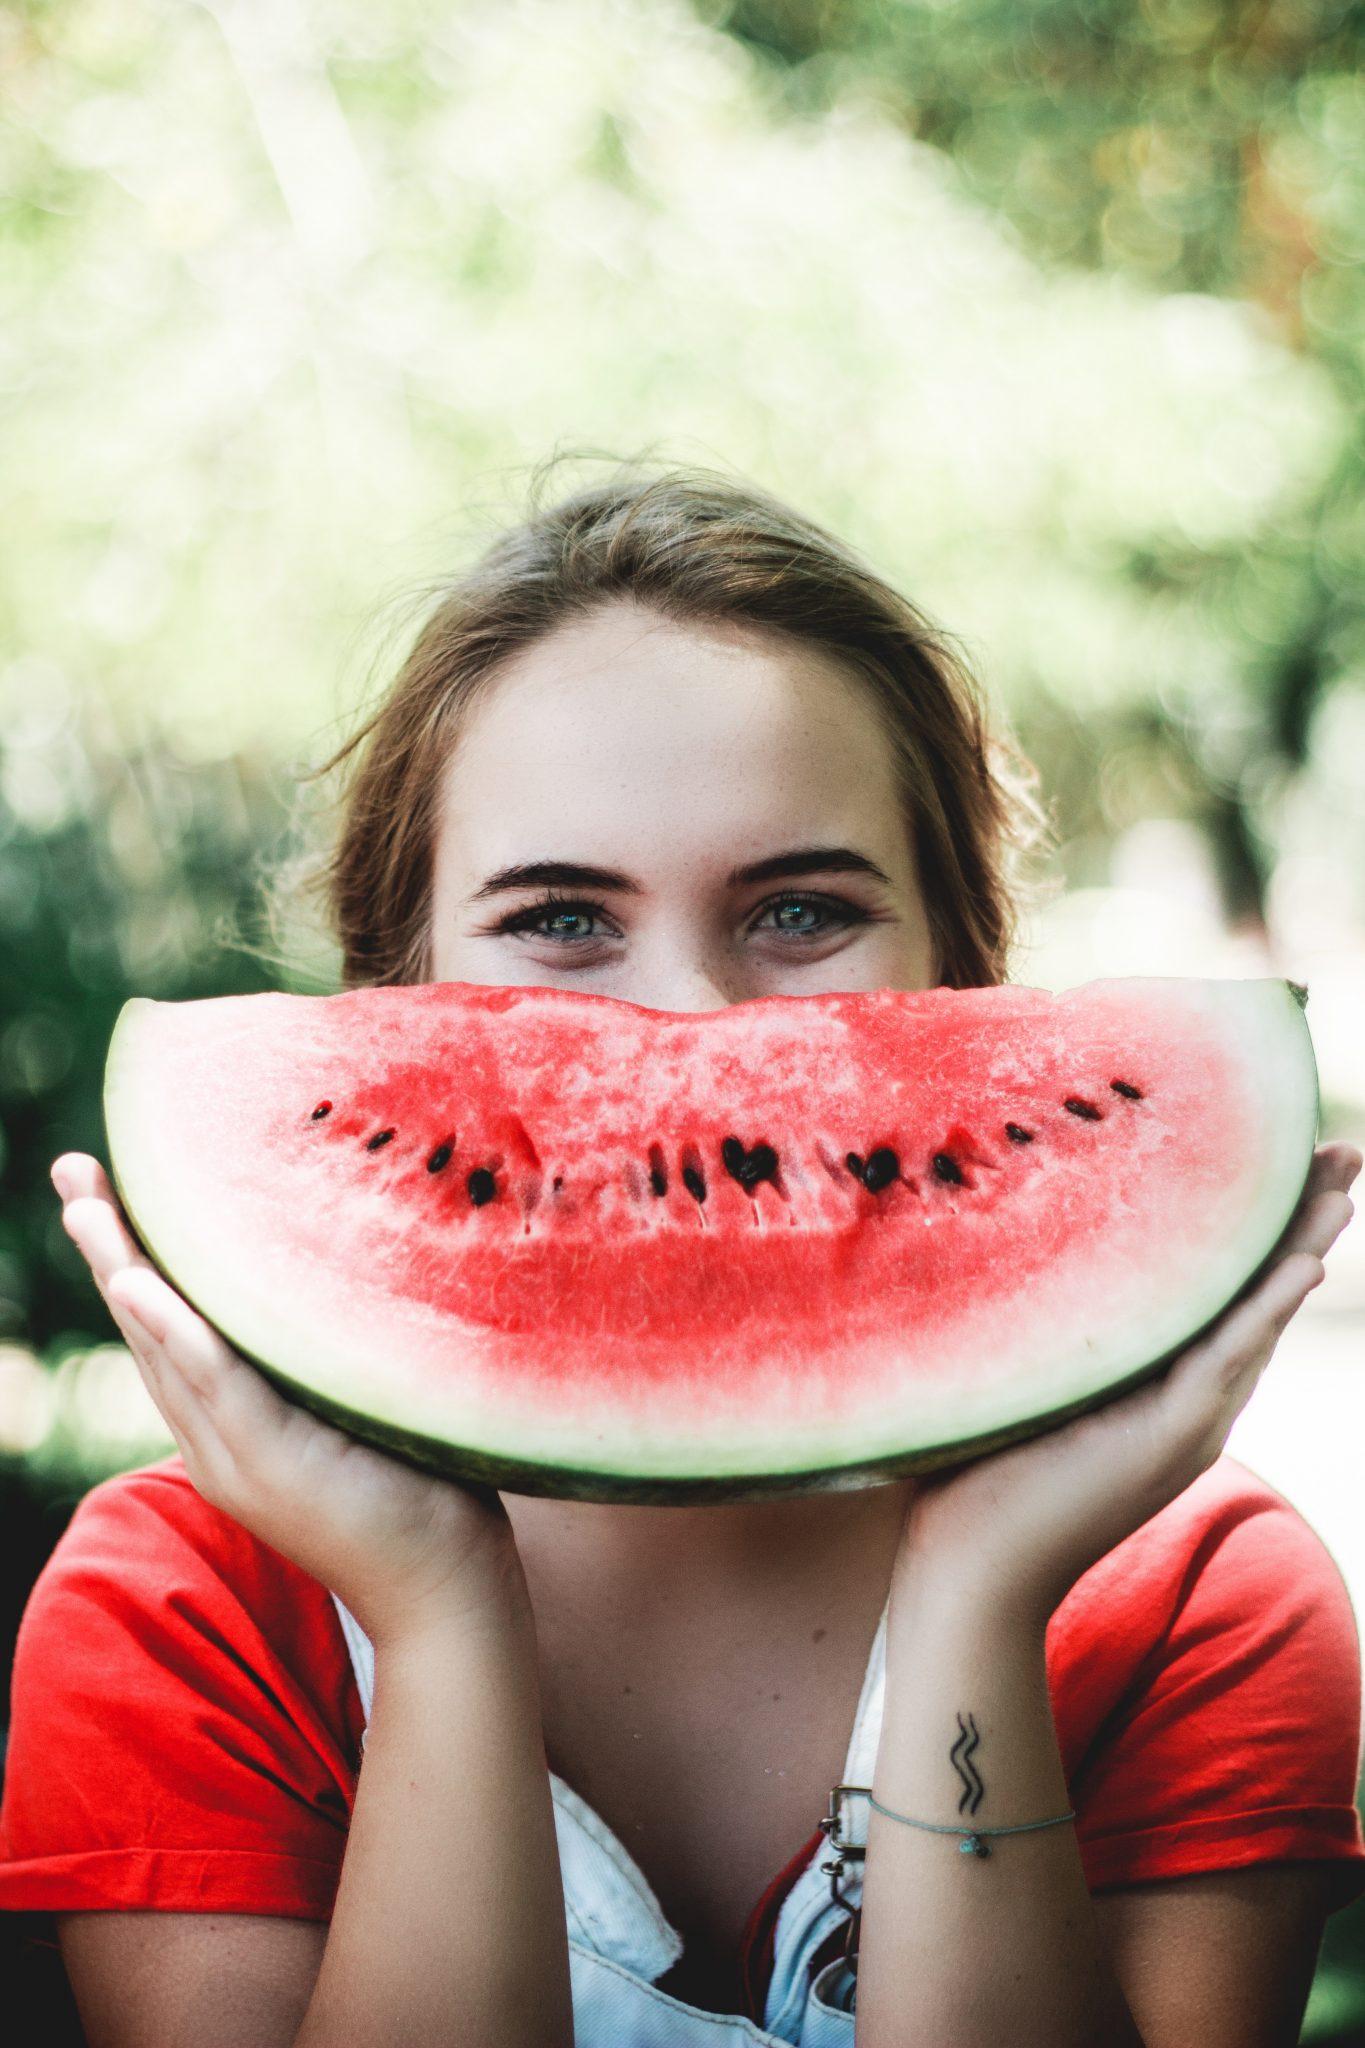 Donna che sorride con una fetta di anguria tra le mani. Ossitocina è un ormone che produce benessere e gioia. Foto in CC pubblicata da tatianaberlaffa.com